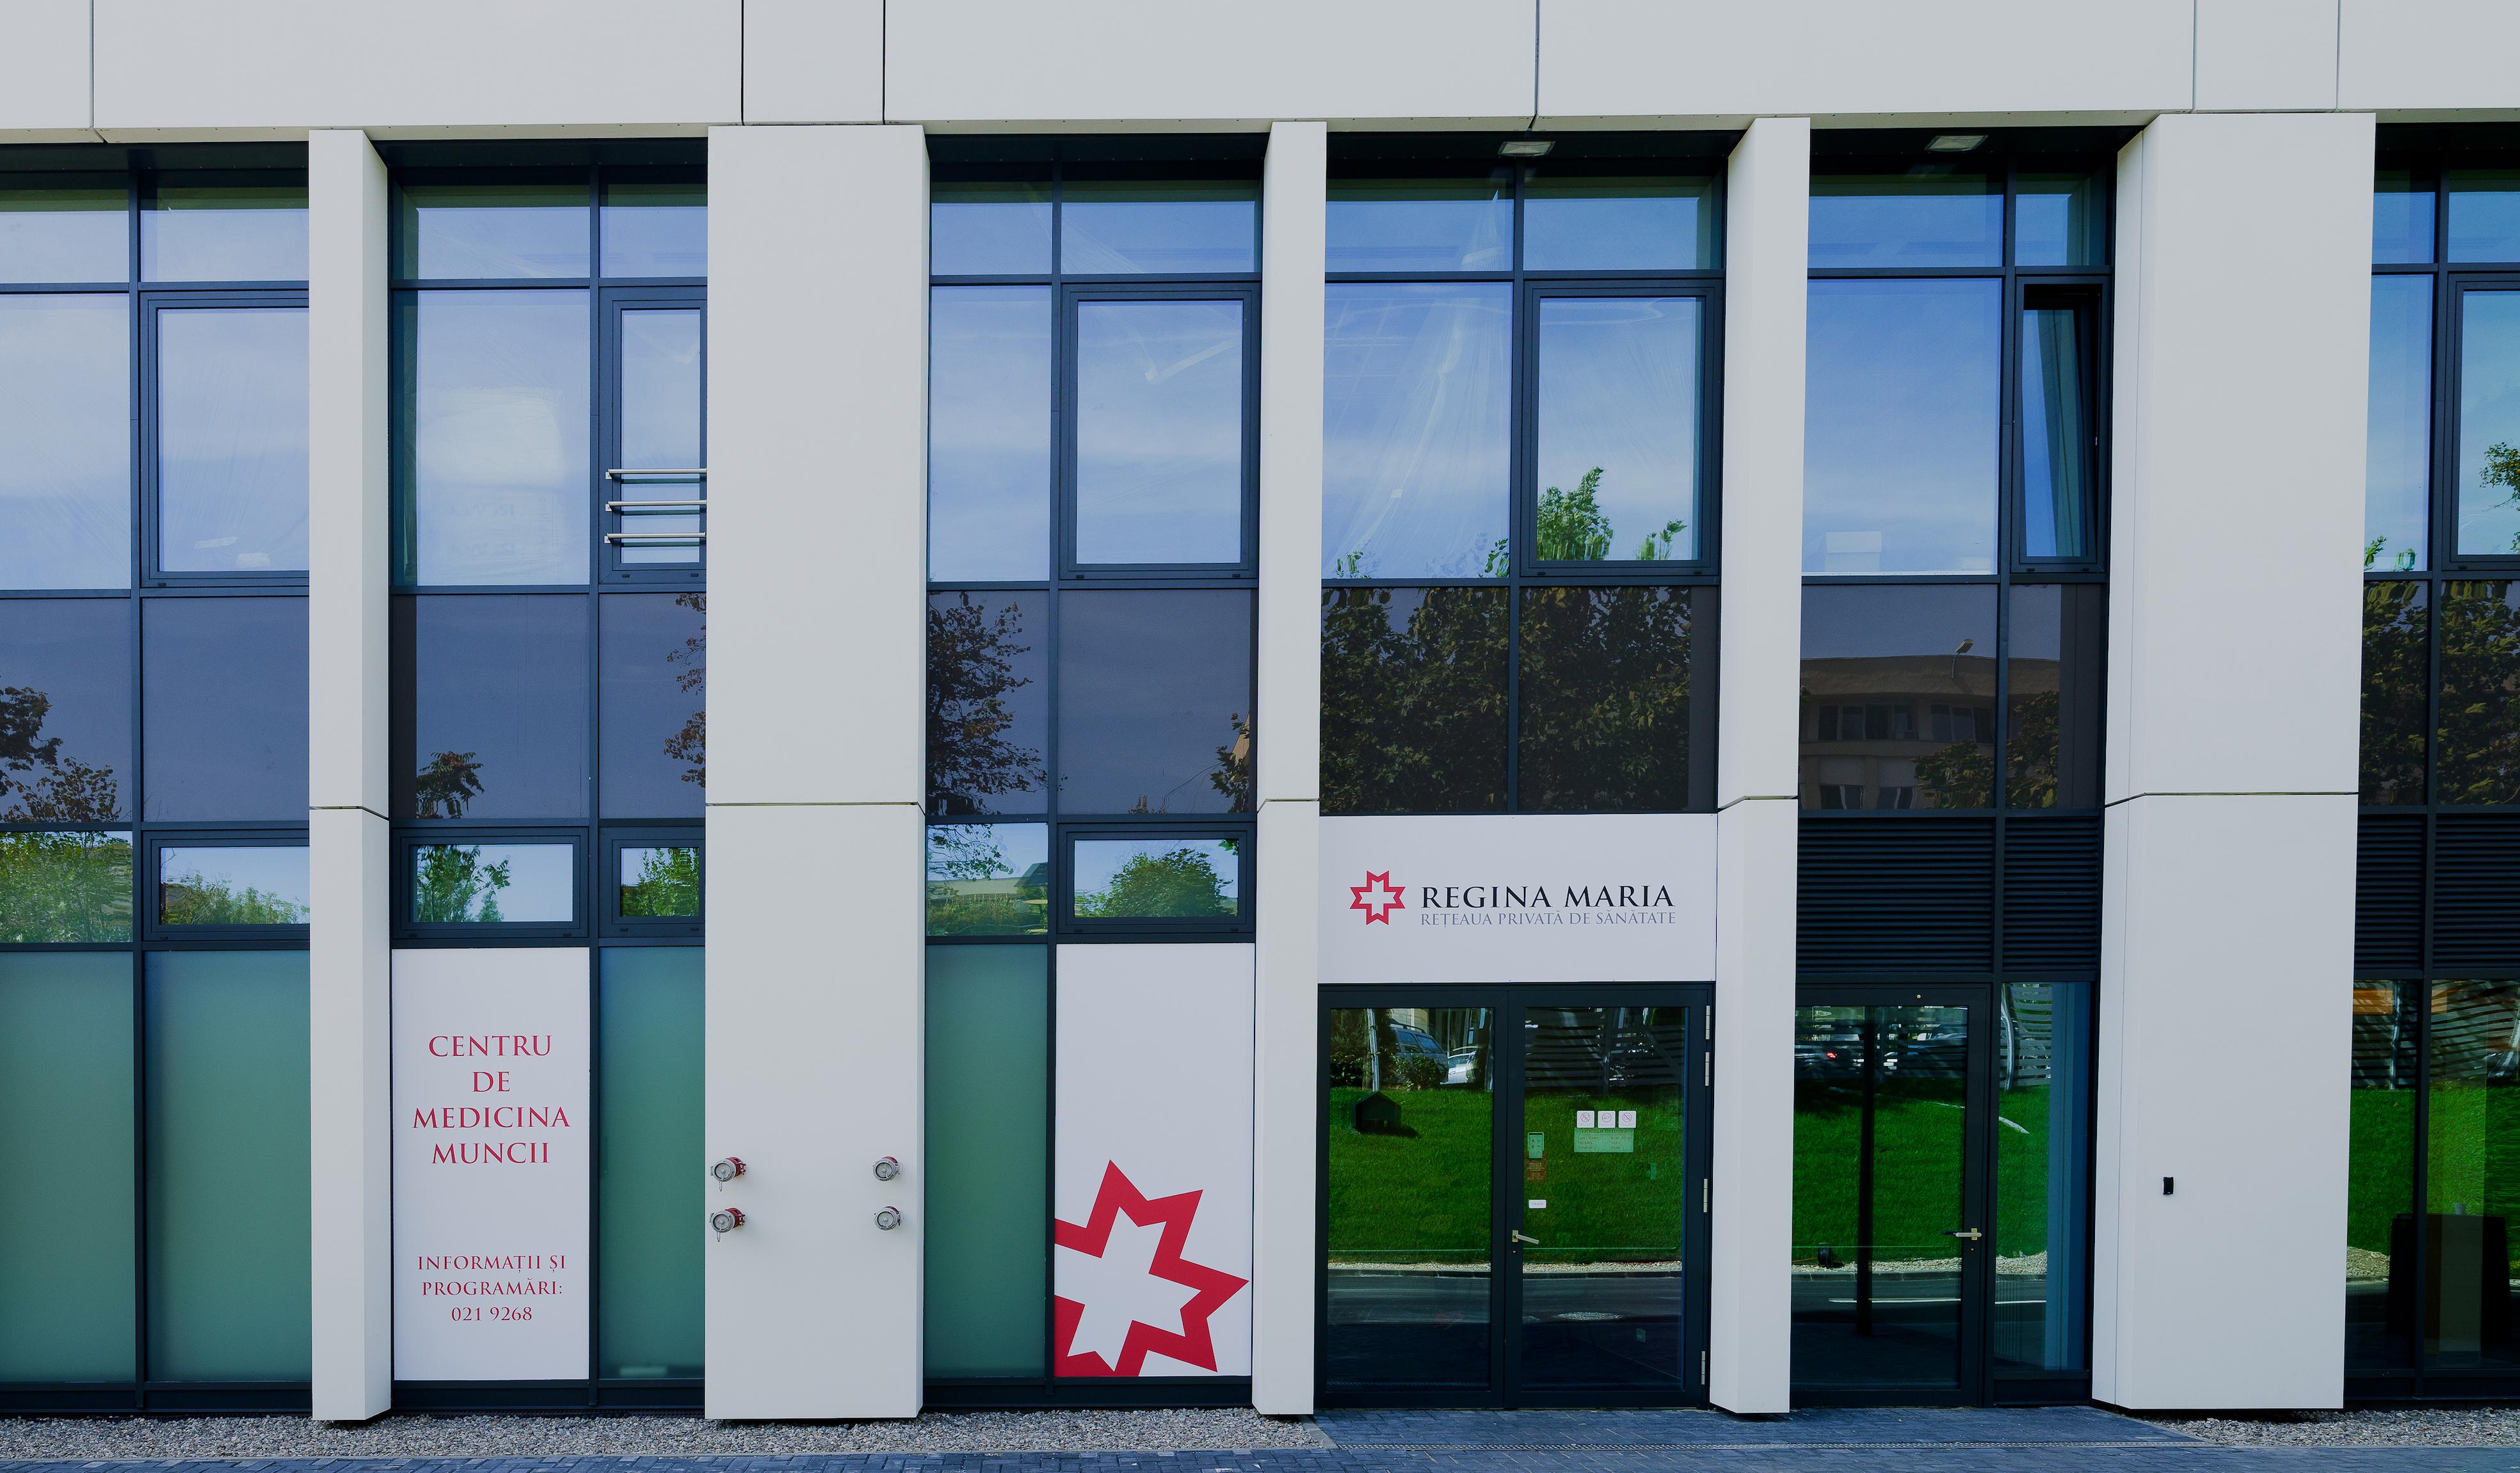 Platforma EcoStruxure Building aduce economii de energie într-un nou sediu REGINA MARIA